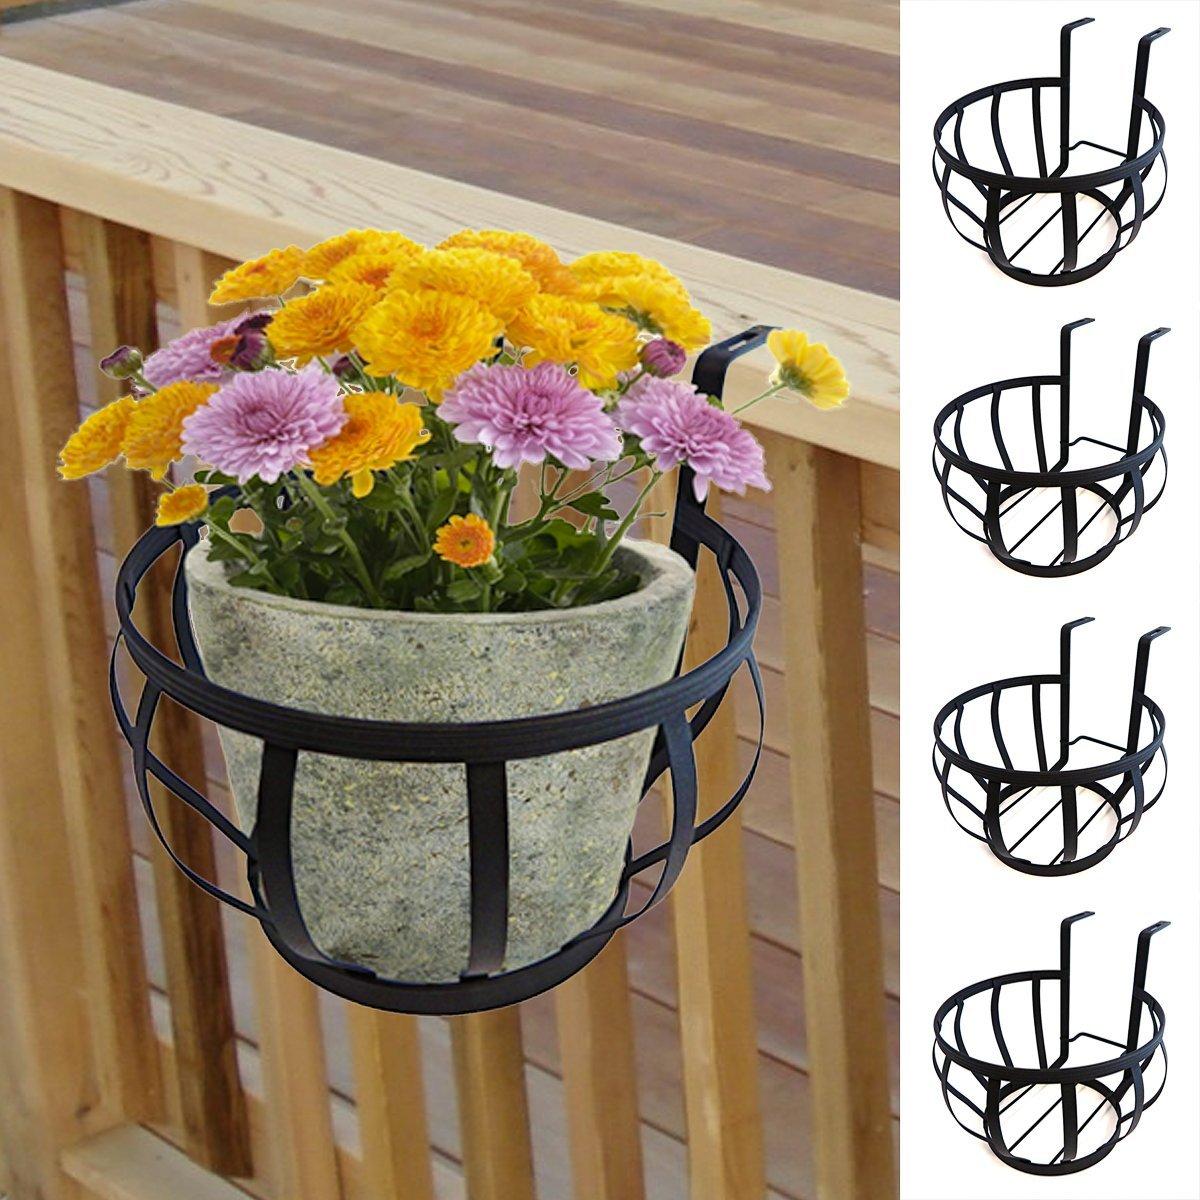 阳台悬挂花架